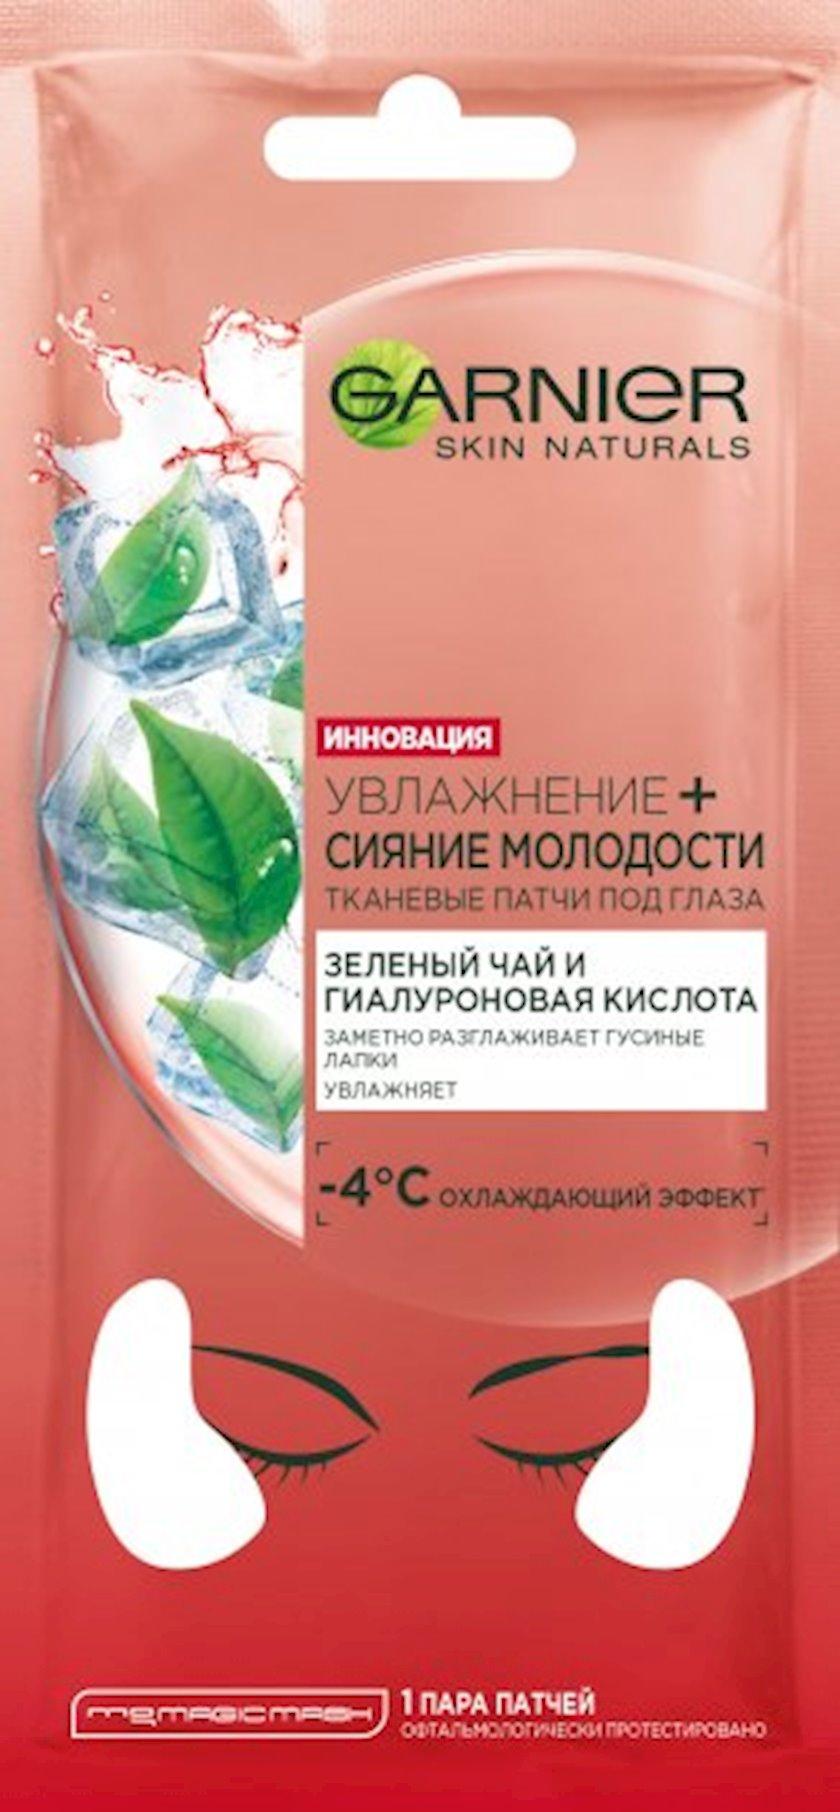 Göz altı parça patçlar Garnier Skin Naturals Nəmləndirmə+Gəncliyin parlaqlığı, 6 q